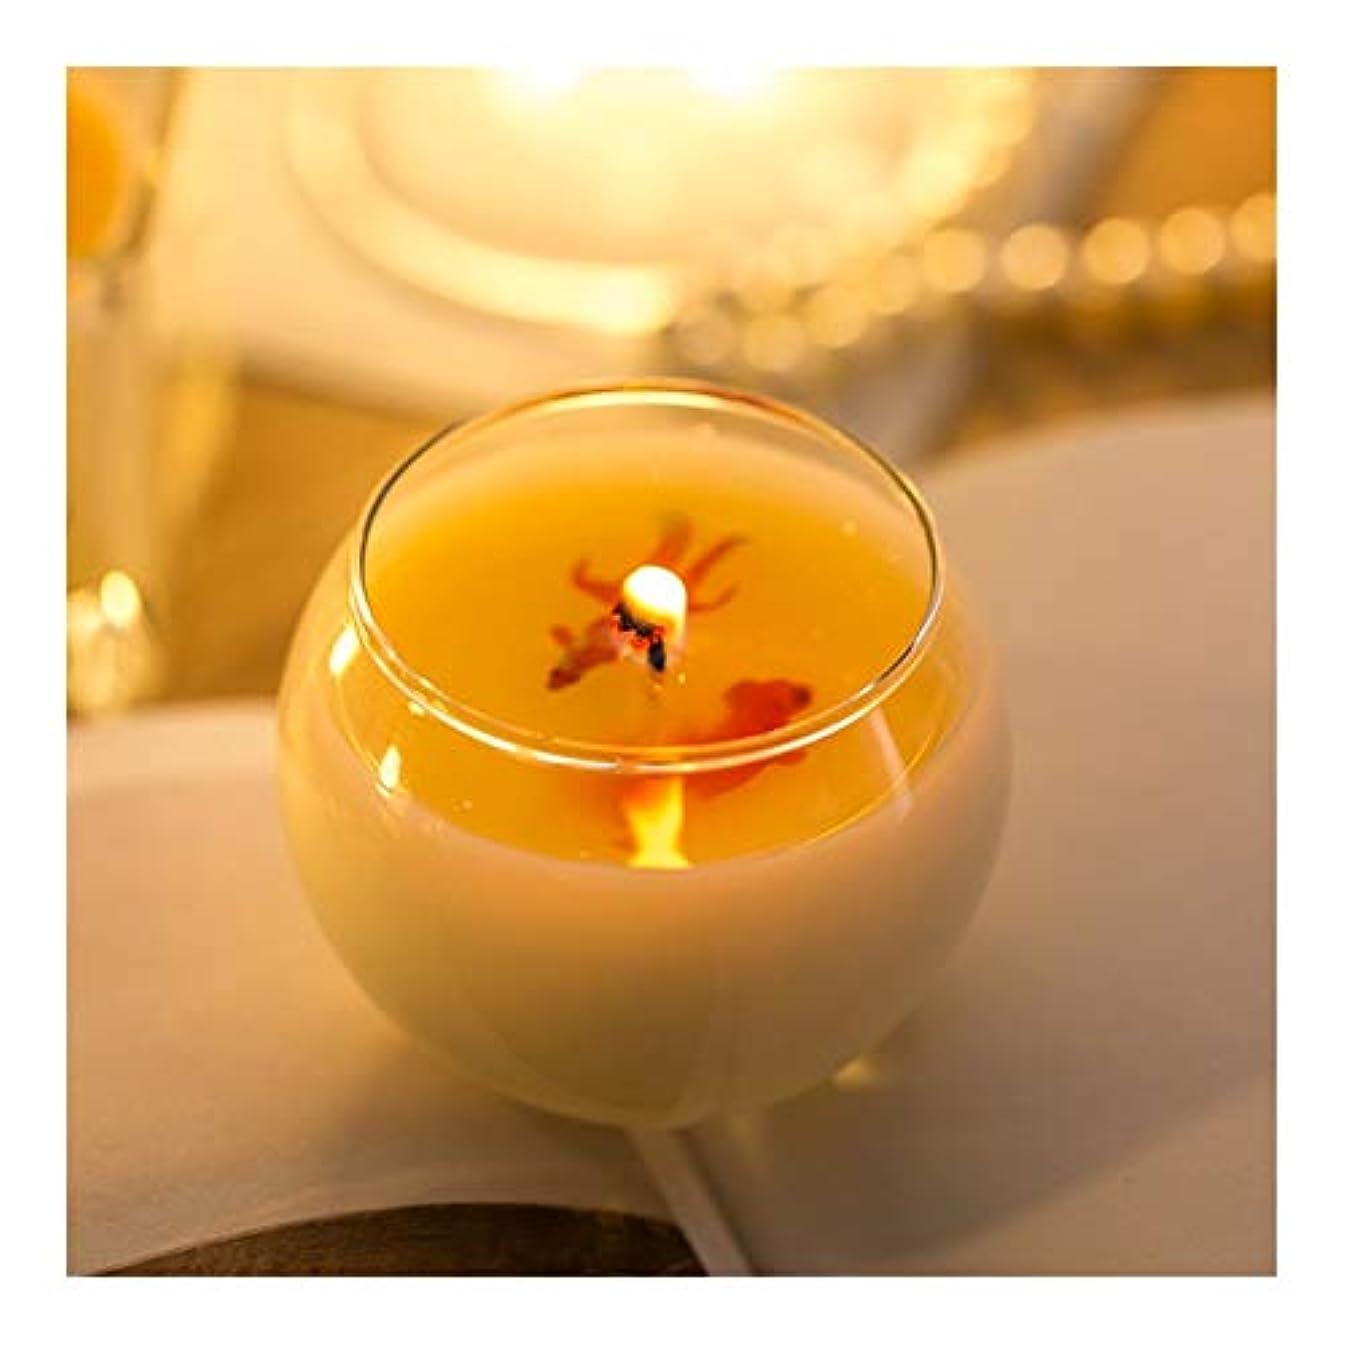 リル分ウサギGuomao 小箱入りアロマゴールドフィッシュキャンドルロマンチックホリデーギフトピュアカラーゴールドフィッシュキャンドル (色 : Green tea)